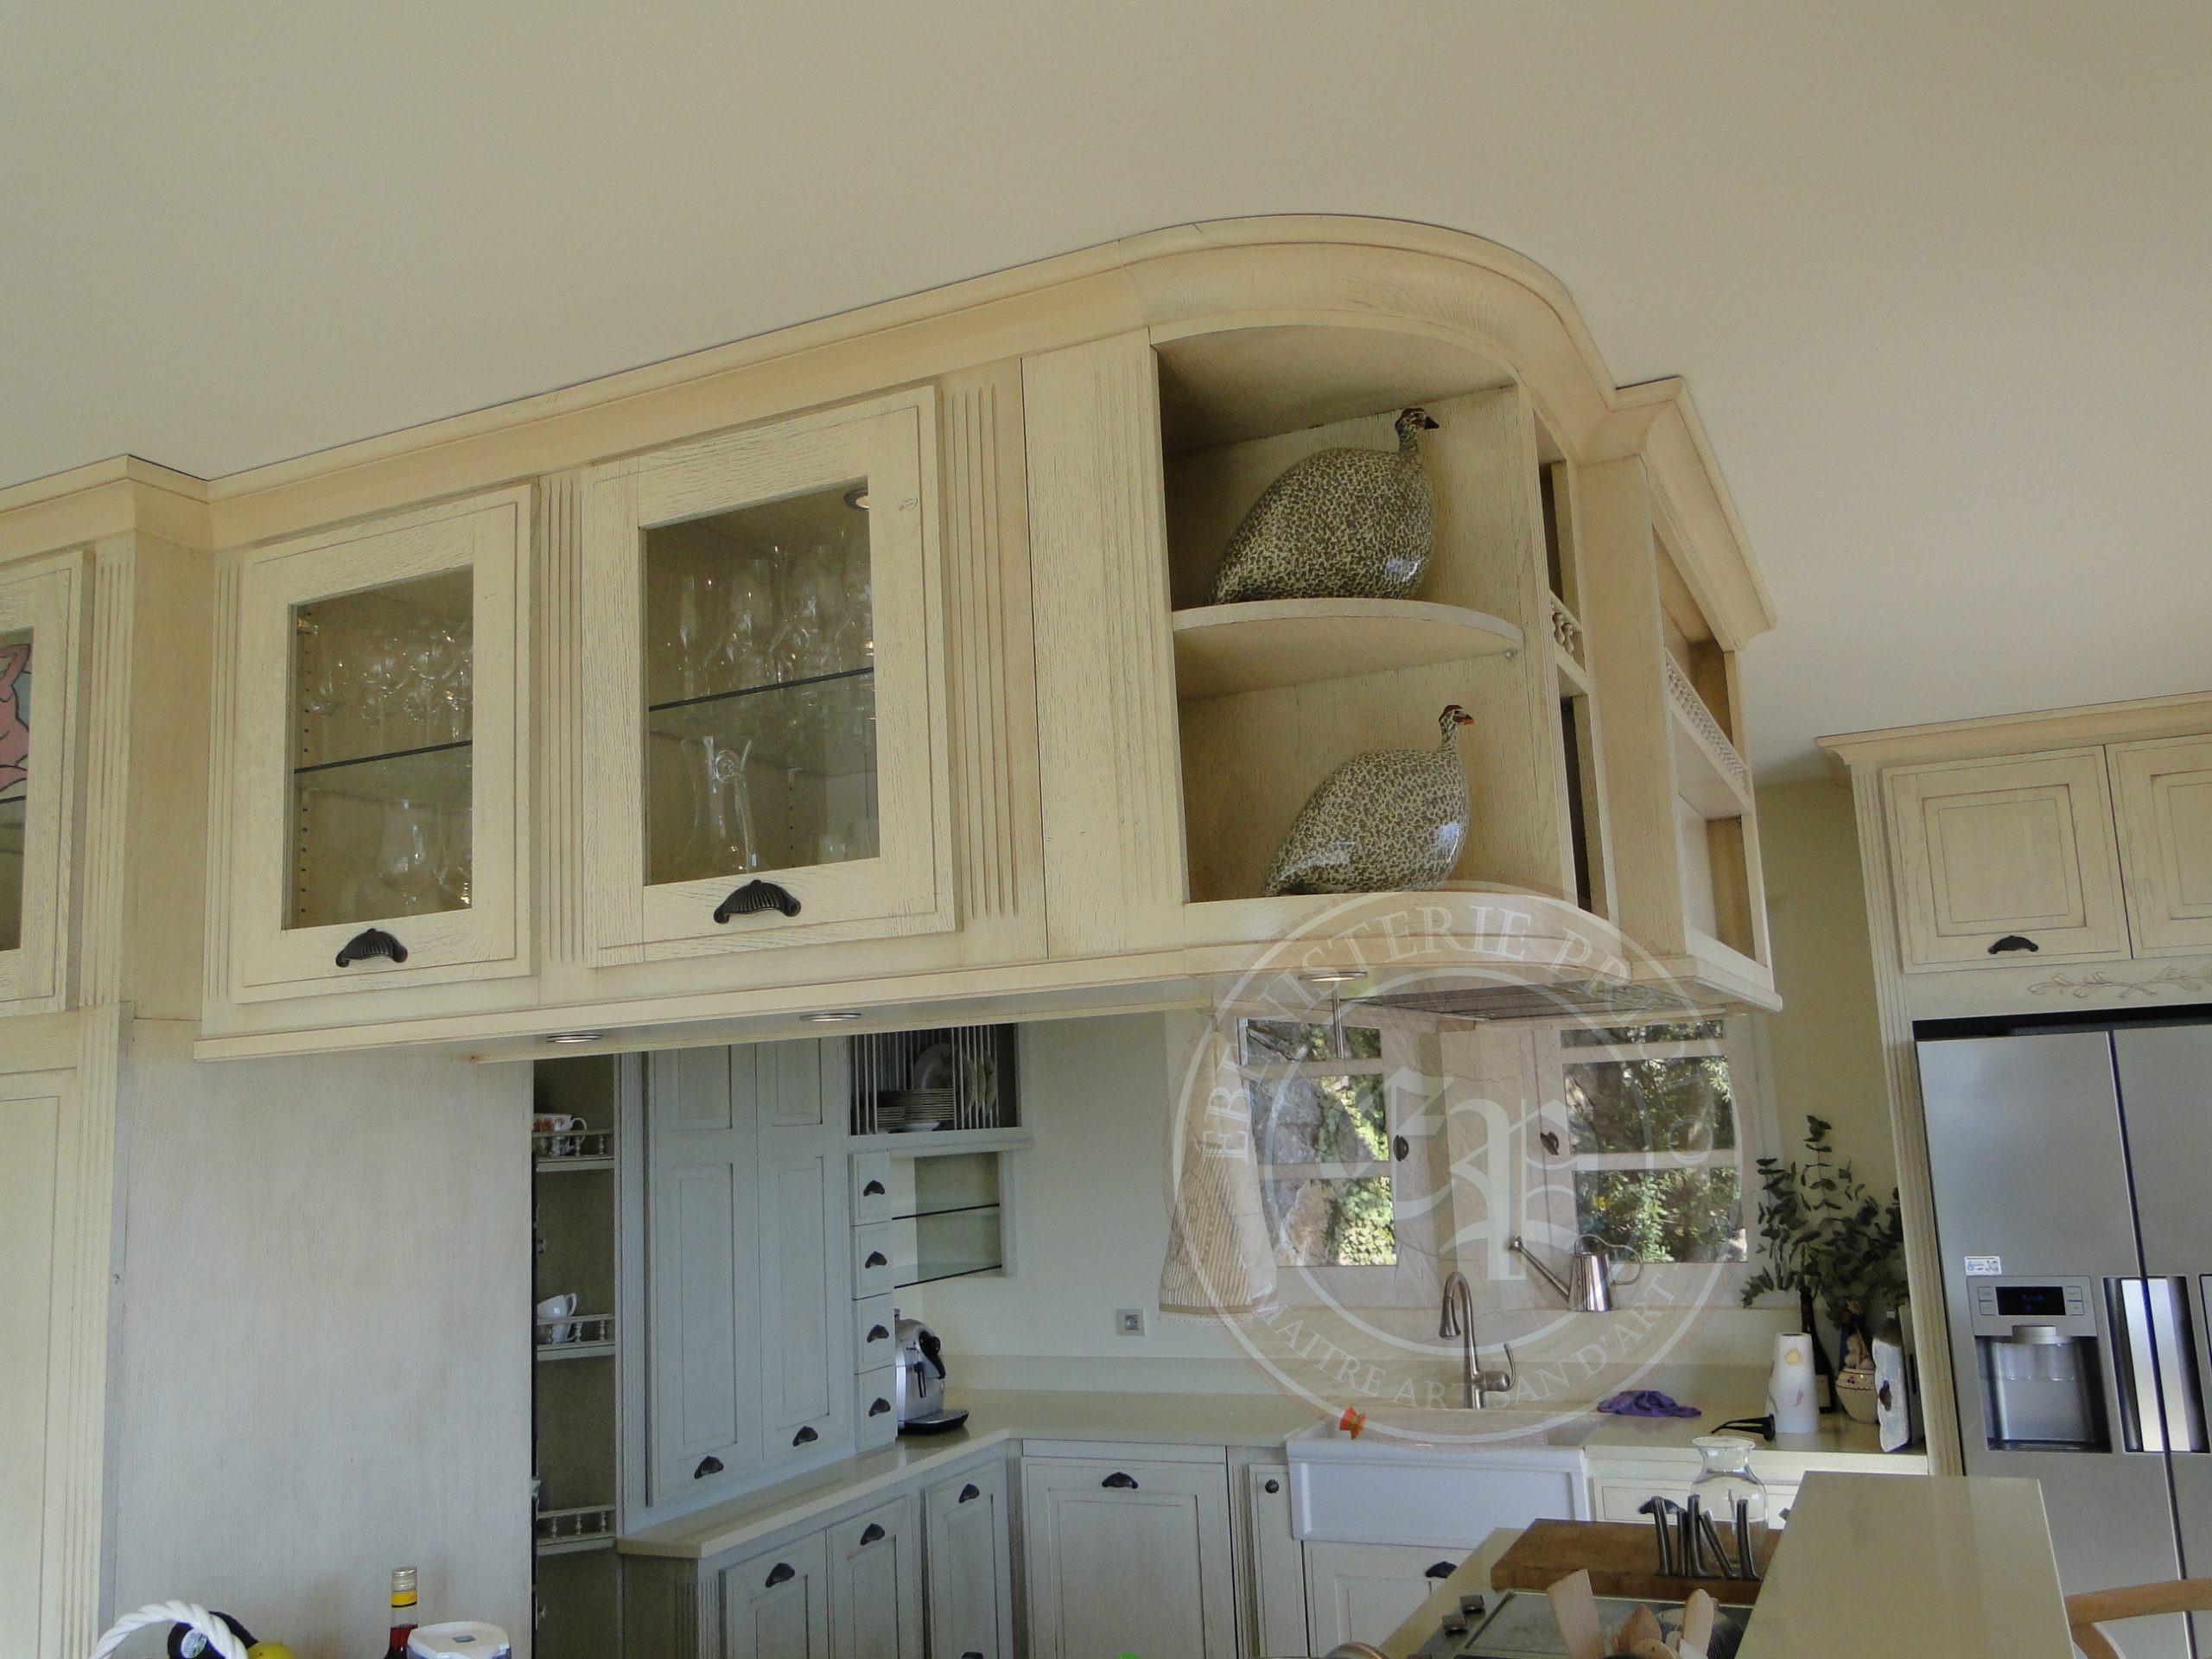 meuble de cuisine sur mesure en bois placards vitrés